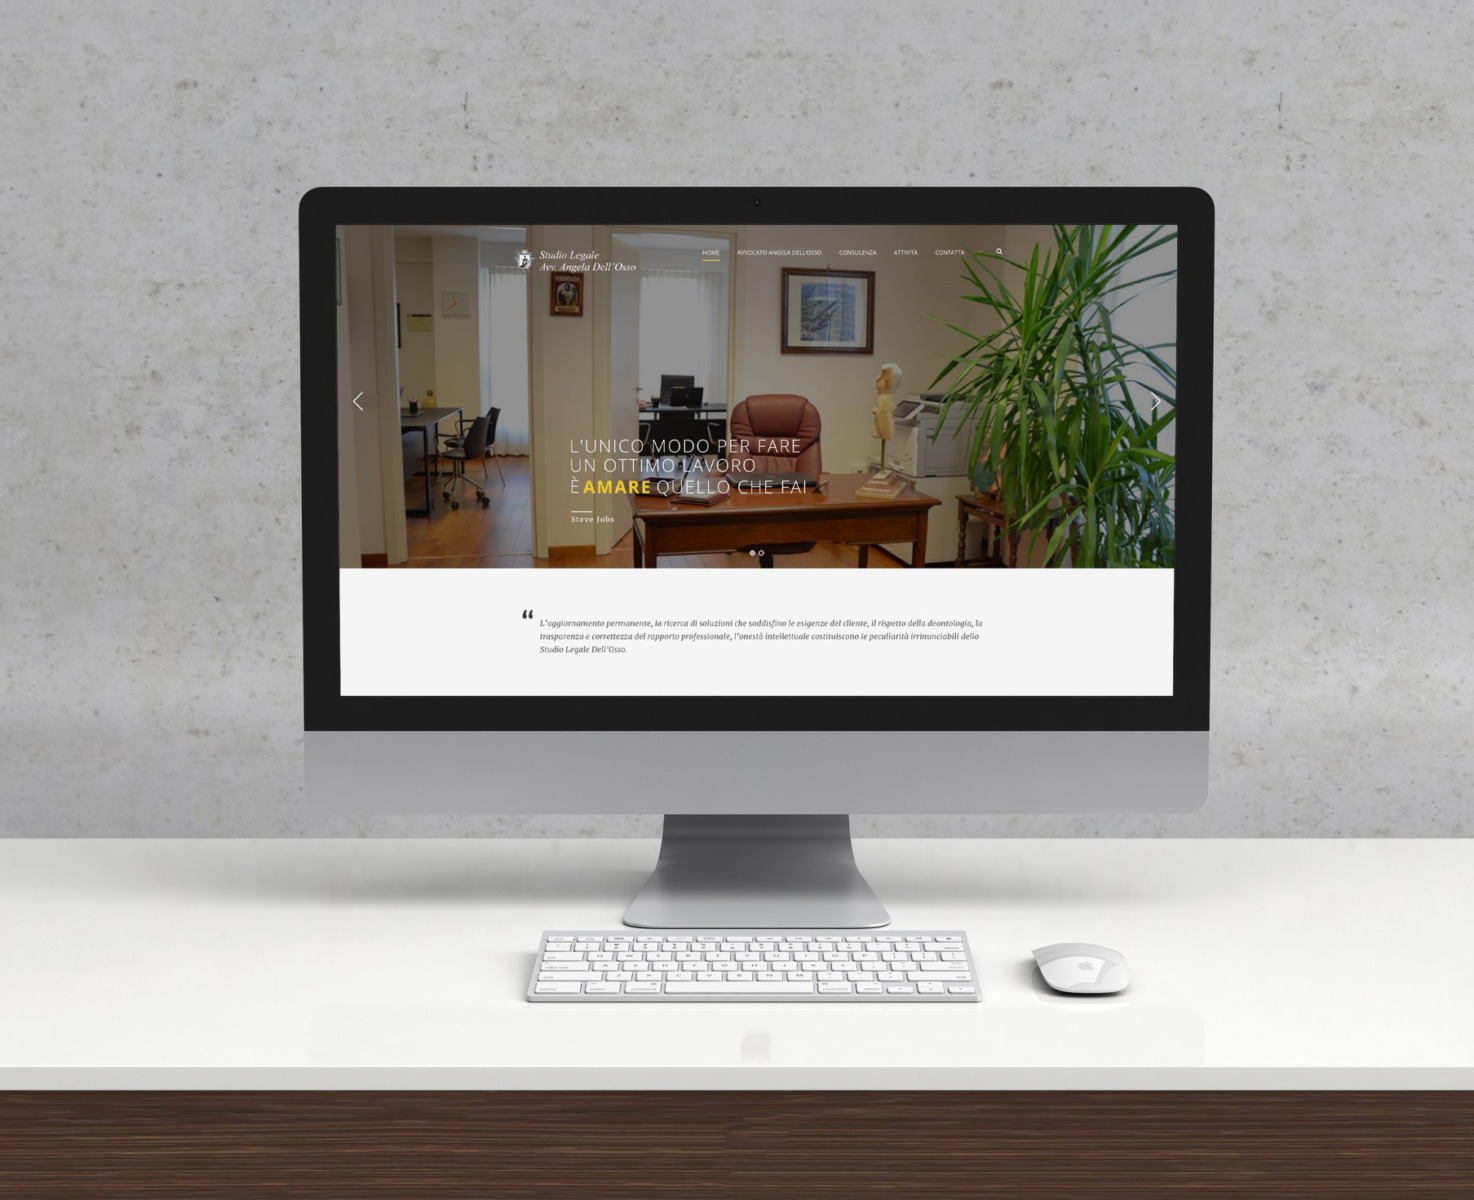 Sito internet Studio legale Angela Dell'Osso